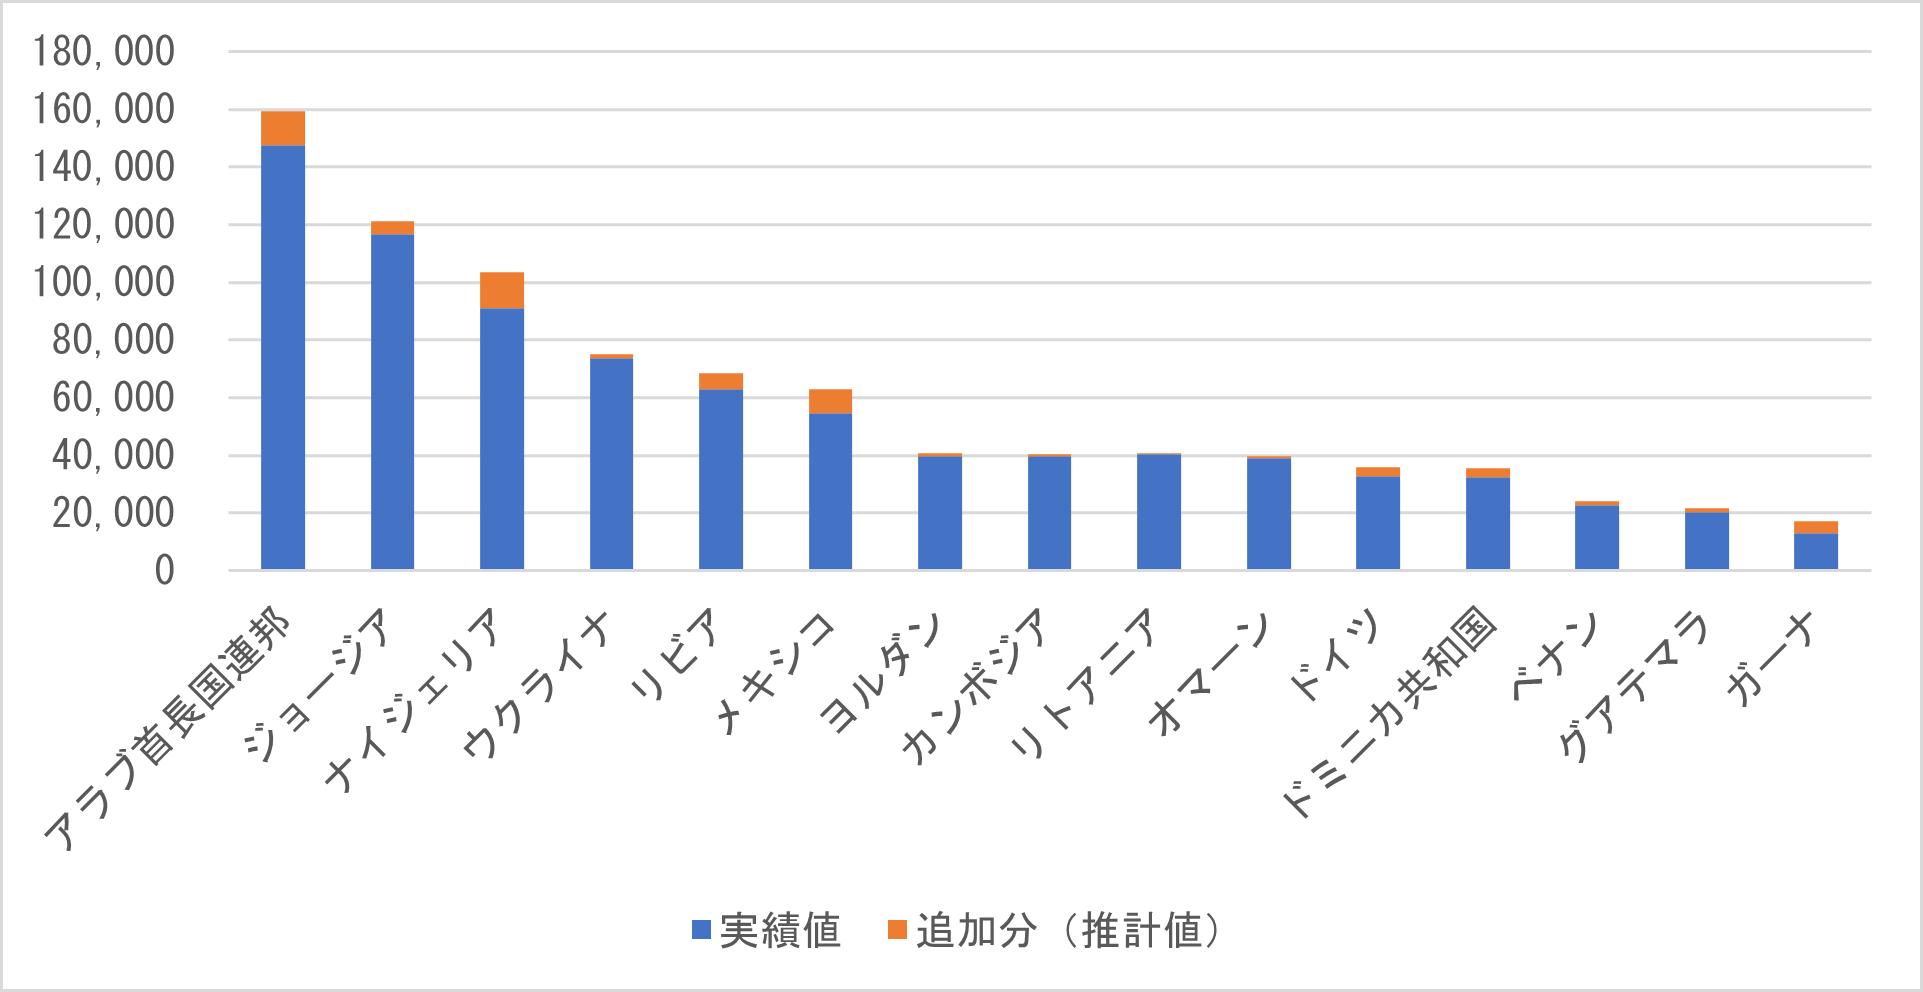 図 8 アメリカの中古車輸出台数(2019年)